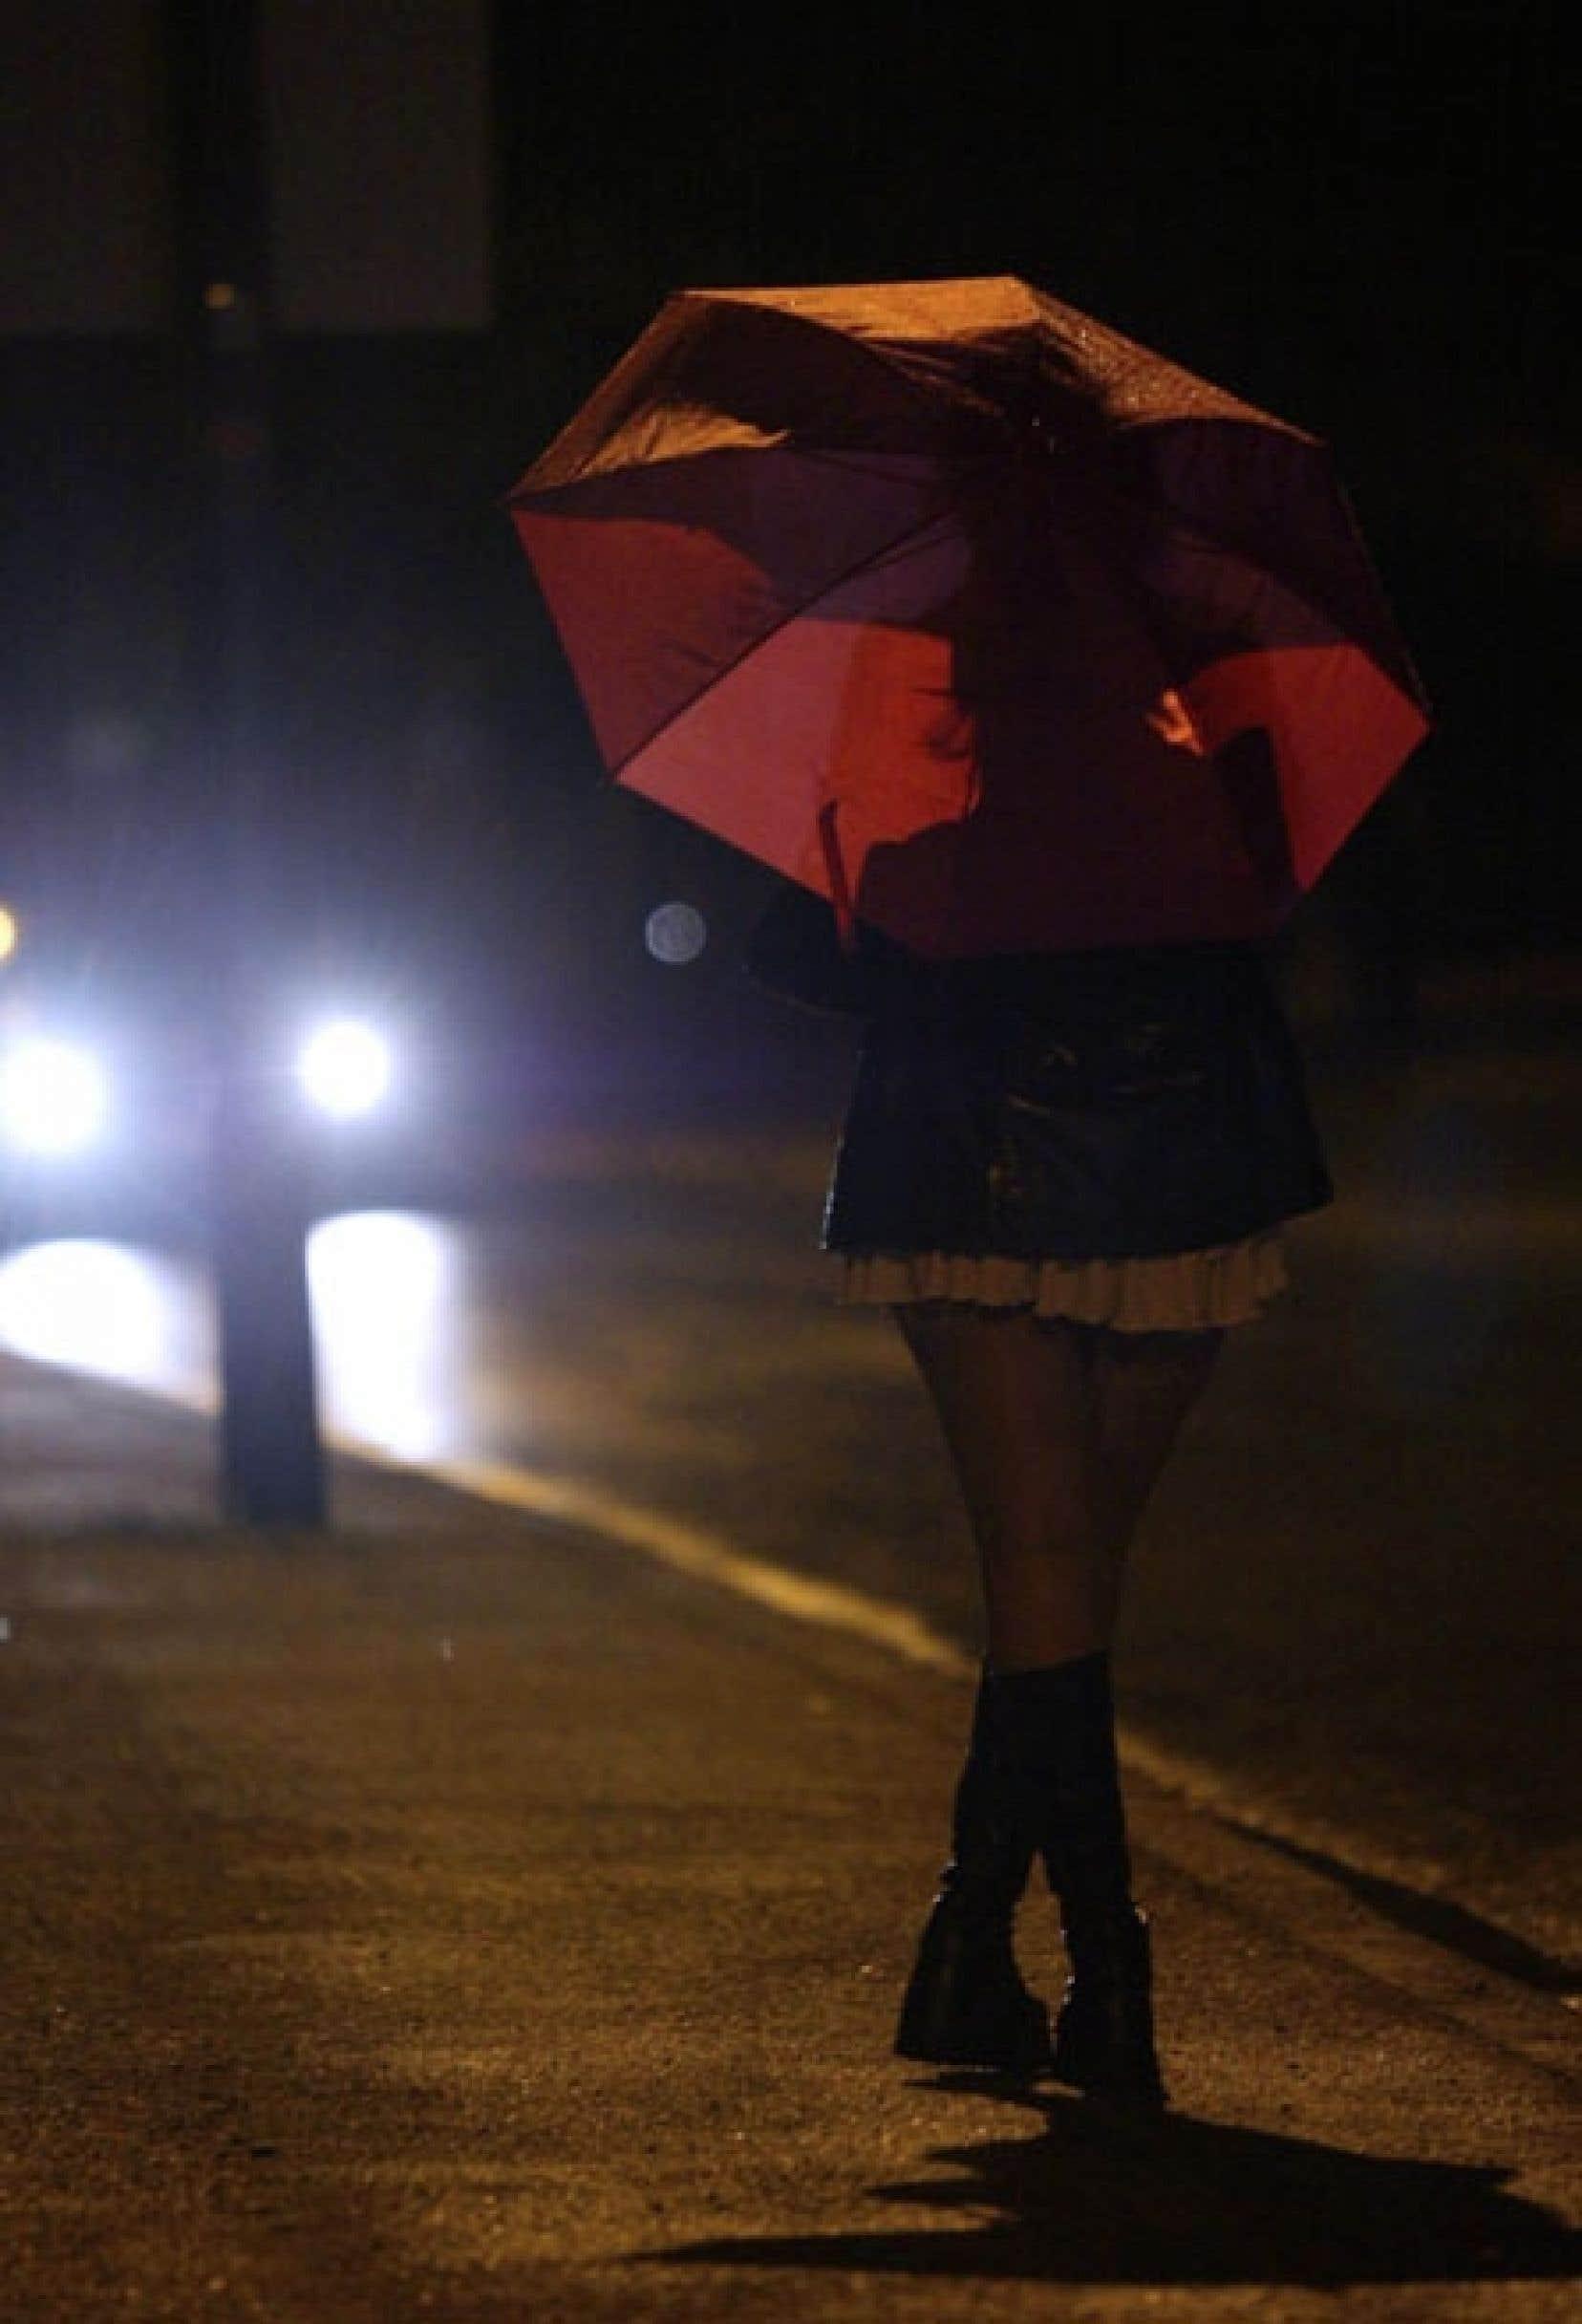 En souhaitant criminaliser les clients, le gouvernement risque de forcer indirectement les prostituées qui souhaitent travailler légalement à solliciter les clients dans la rue.